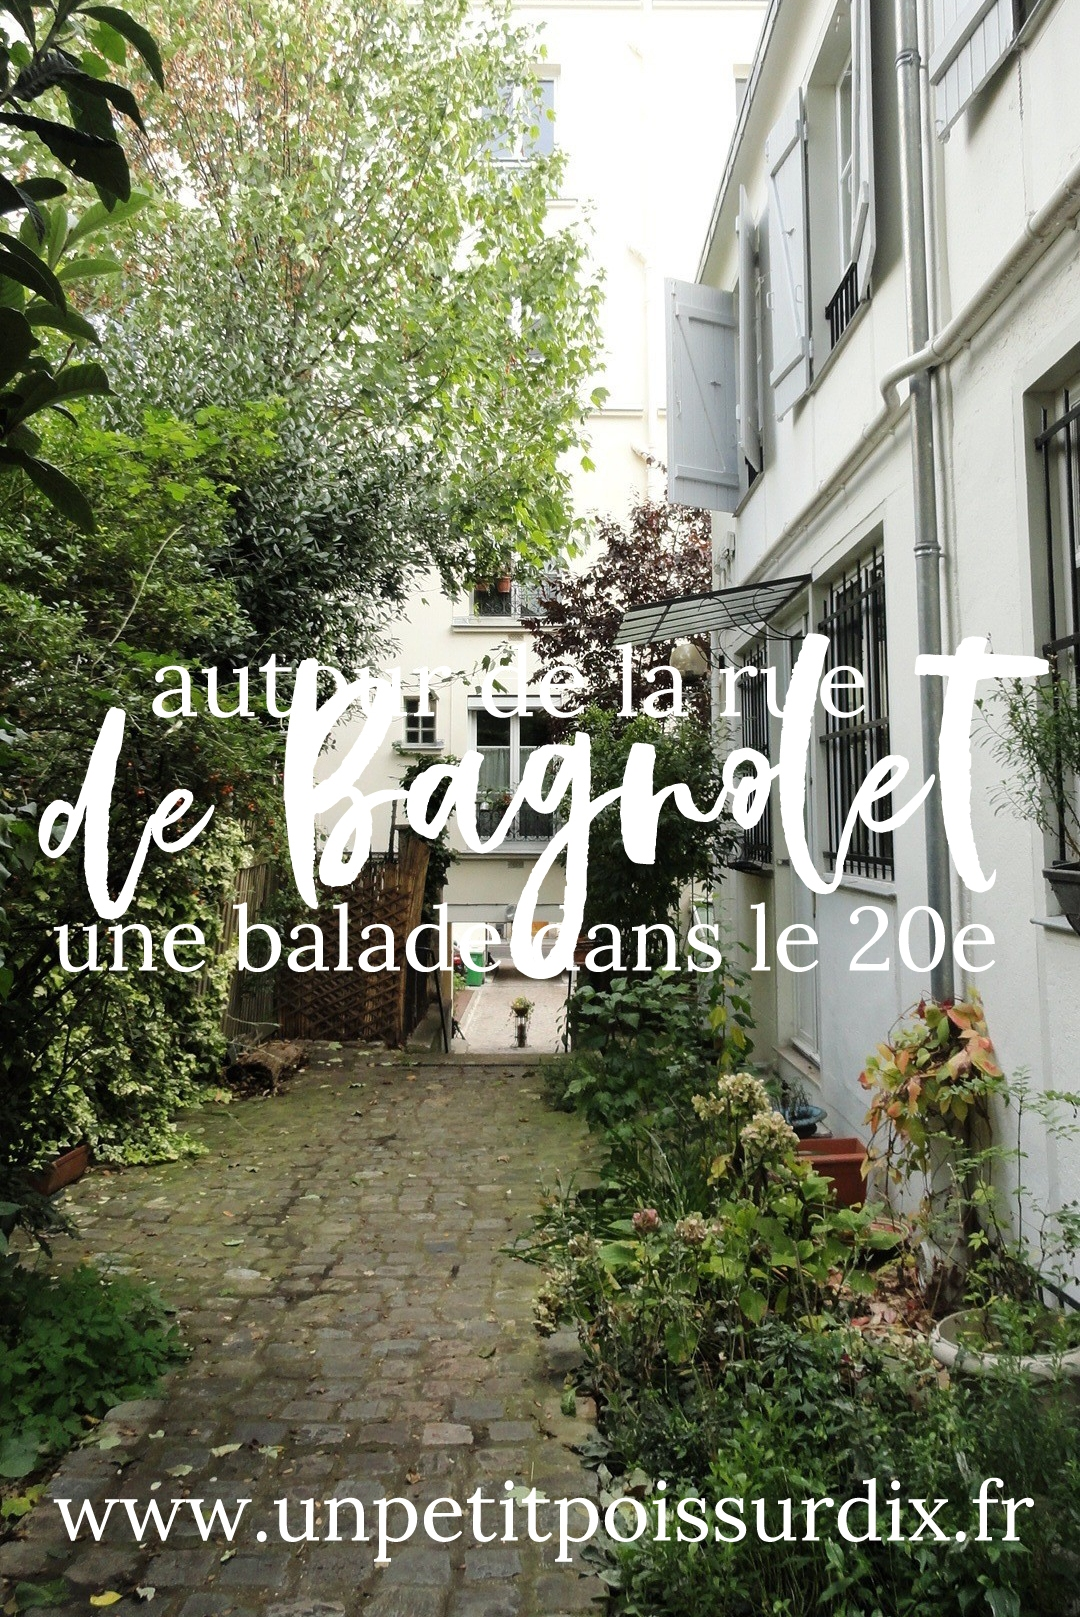 Une balade dans le 20e - Autour de la rue de Bagnolet